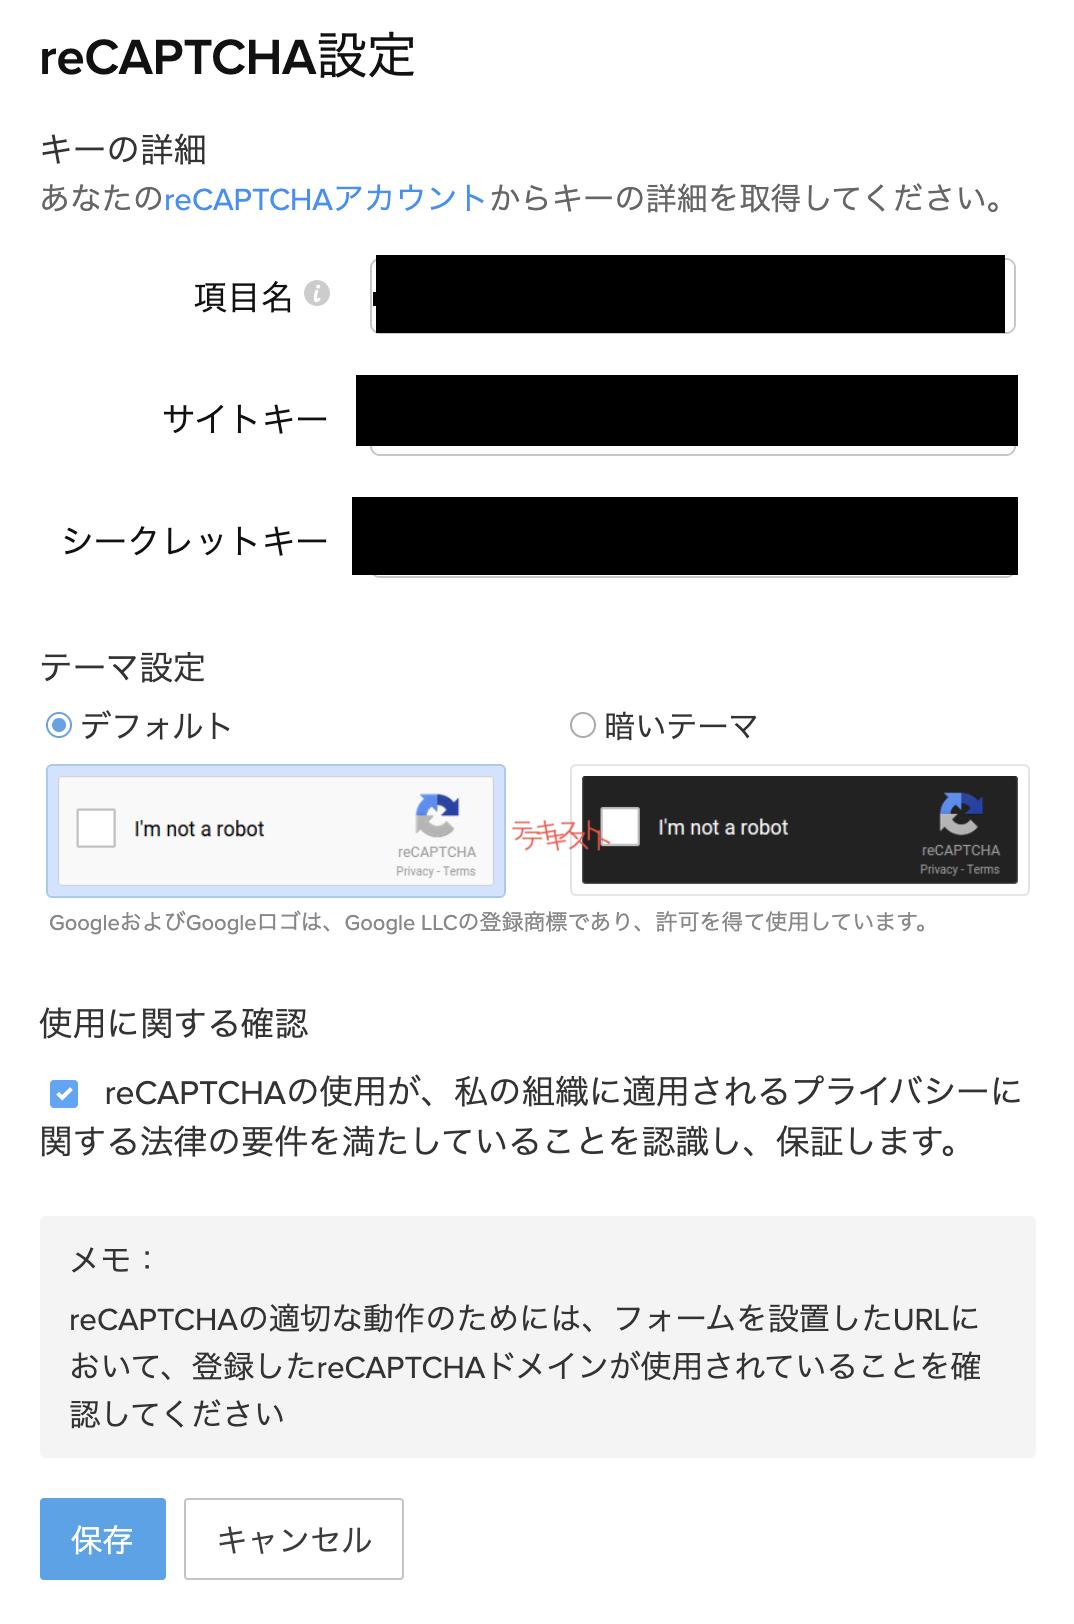 スクリーンショット 2020-01-15 13.44.23